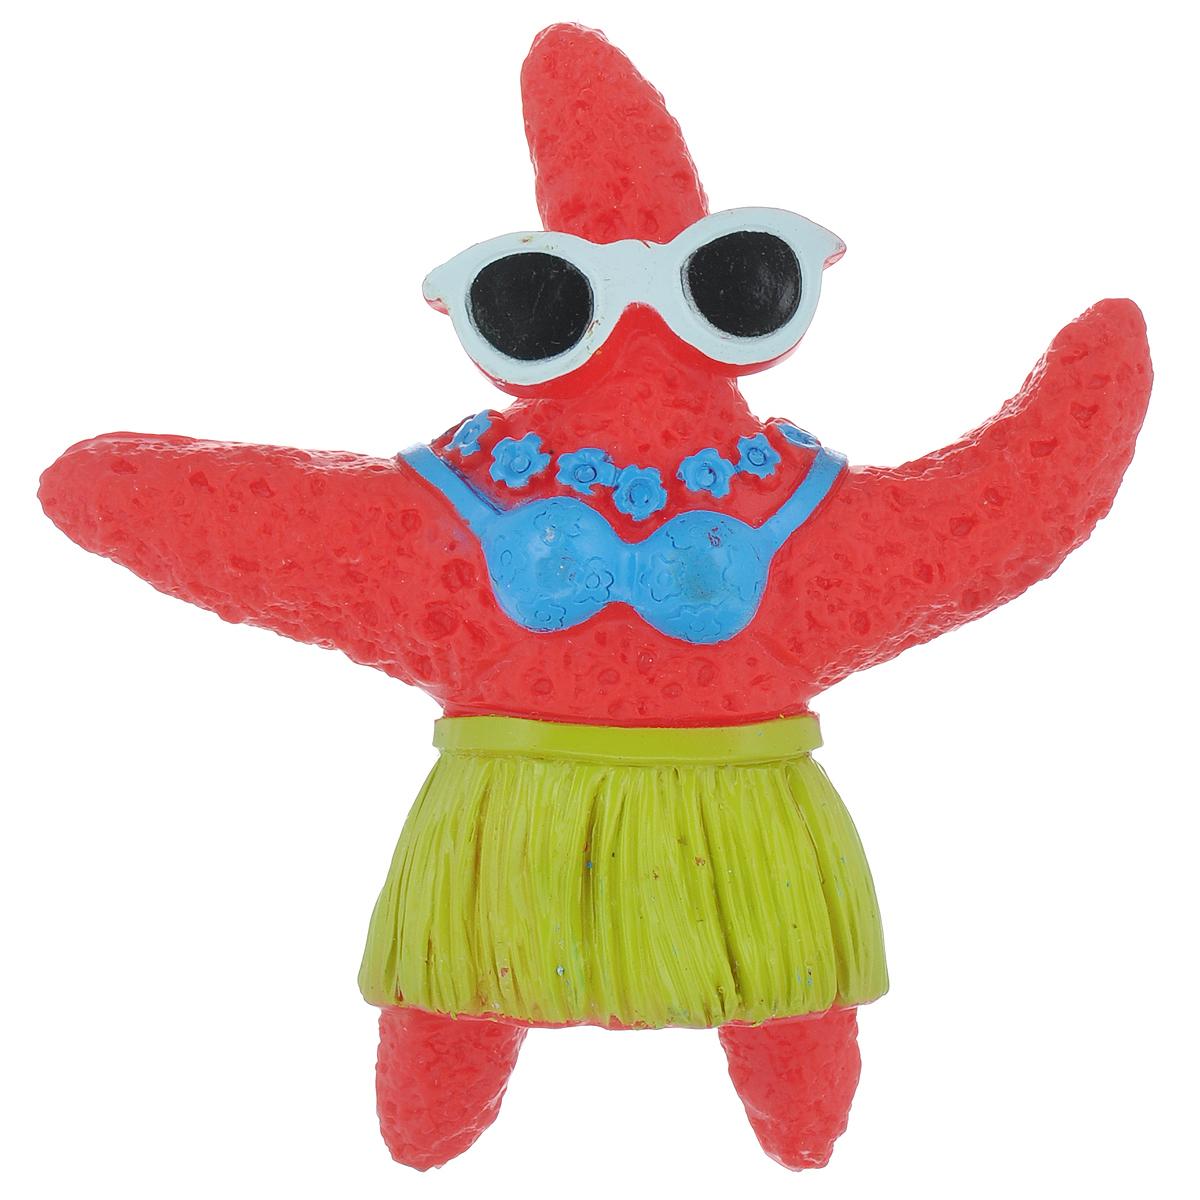 Игрушка для собак Ziver Морская звезда, с пищалкой, цвет: красный, высота 12,5 см40.ZV.055Игрушка Ziver Морская звезда изготовлена из высококачественного винила с использованием только безопасных, не токсичных красителей. Игрушка выполнена в виде морской звезды и при надавливании или захвате пастью пищит. Привлечет внимание вашего любимца, позволит весело провести ему время, не навредит здоровью, а также поможет вам сохранить в целости личные вещи и предметы интерьера. Рифленая игольчатая поверхность игрушки прекрасно массирует десна. Размер: 12,5 см х 12 см х 2 см.